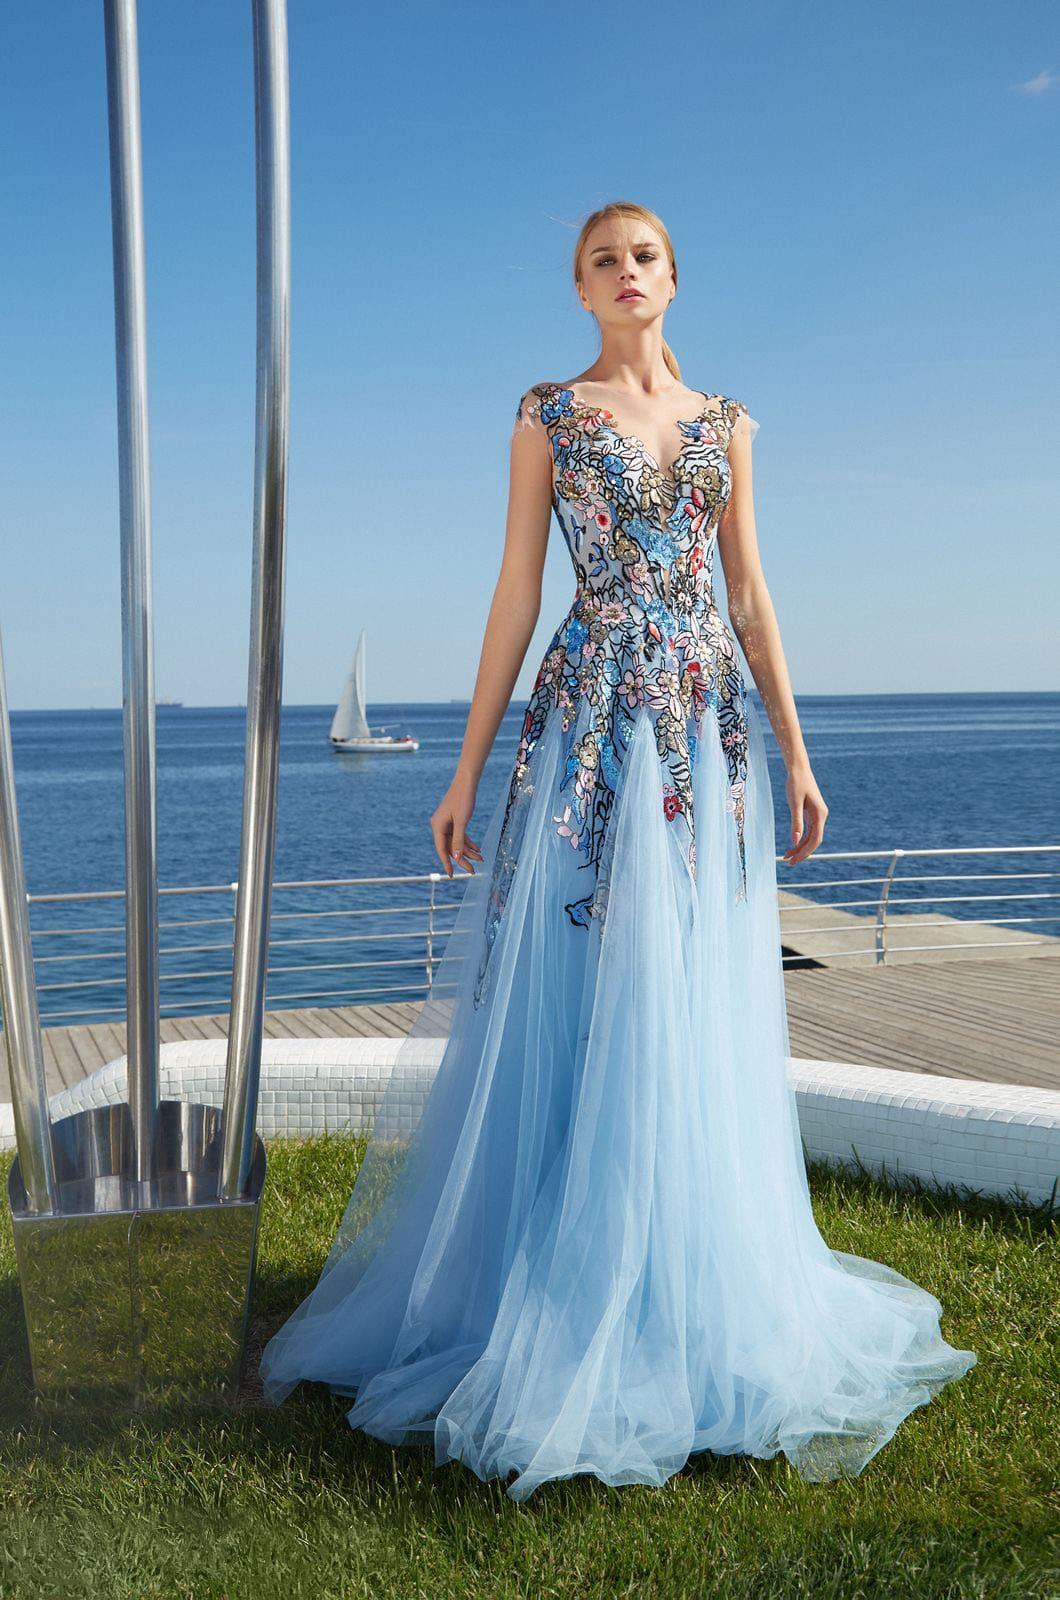 купить платье даме в москве